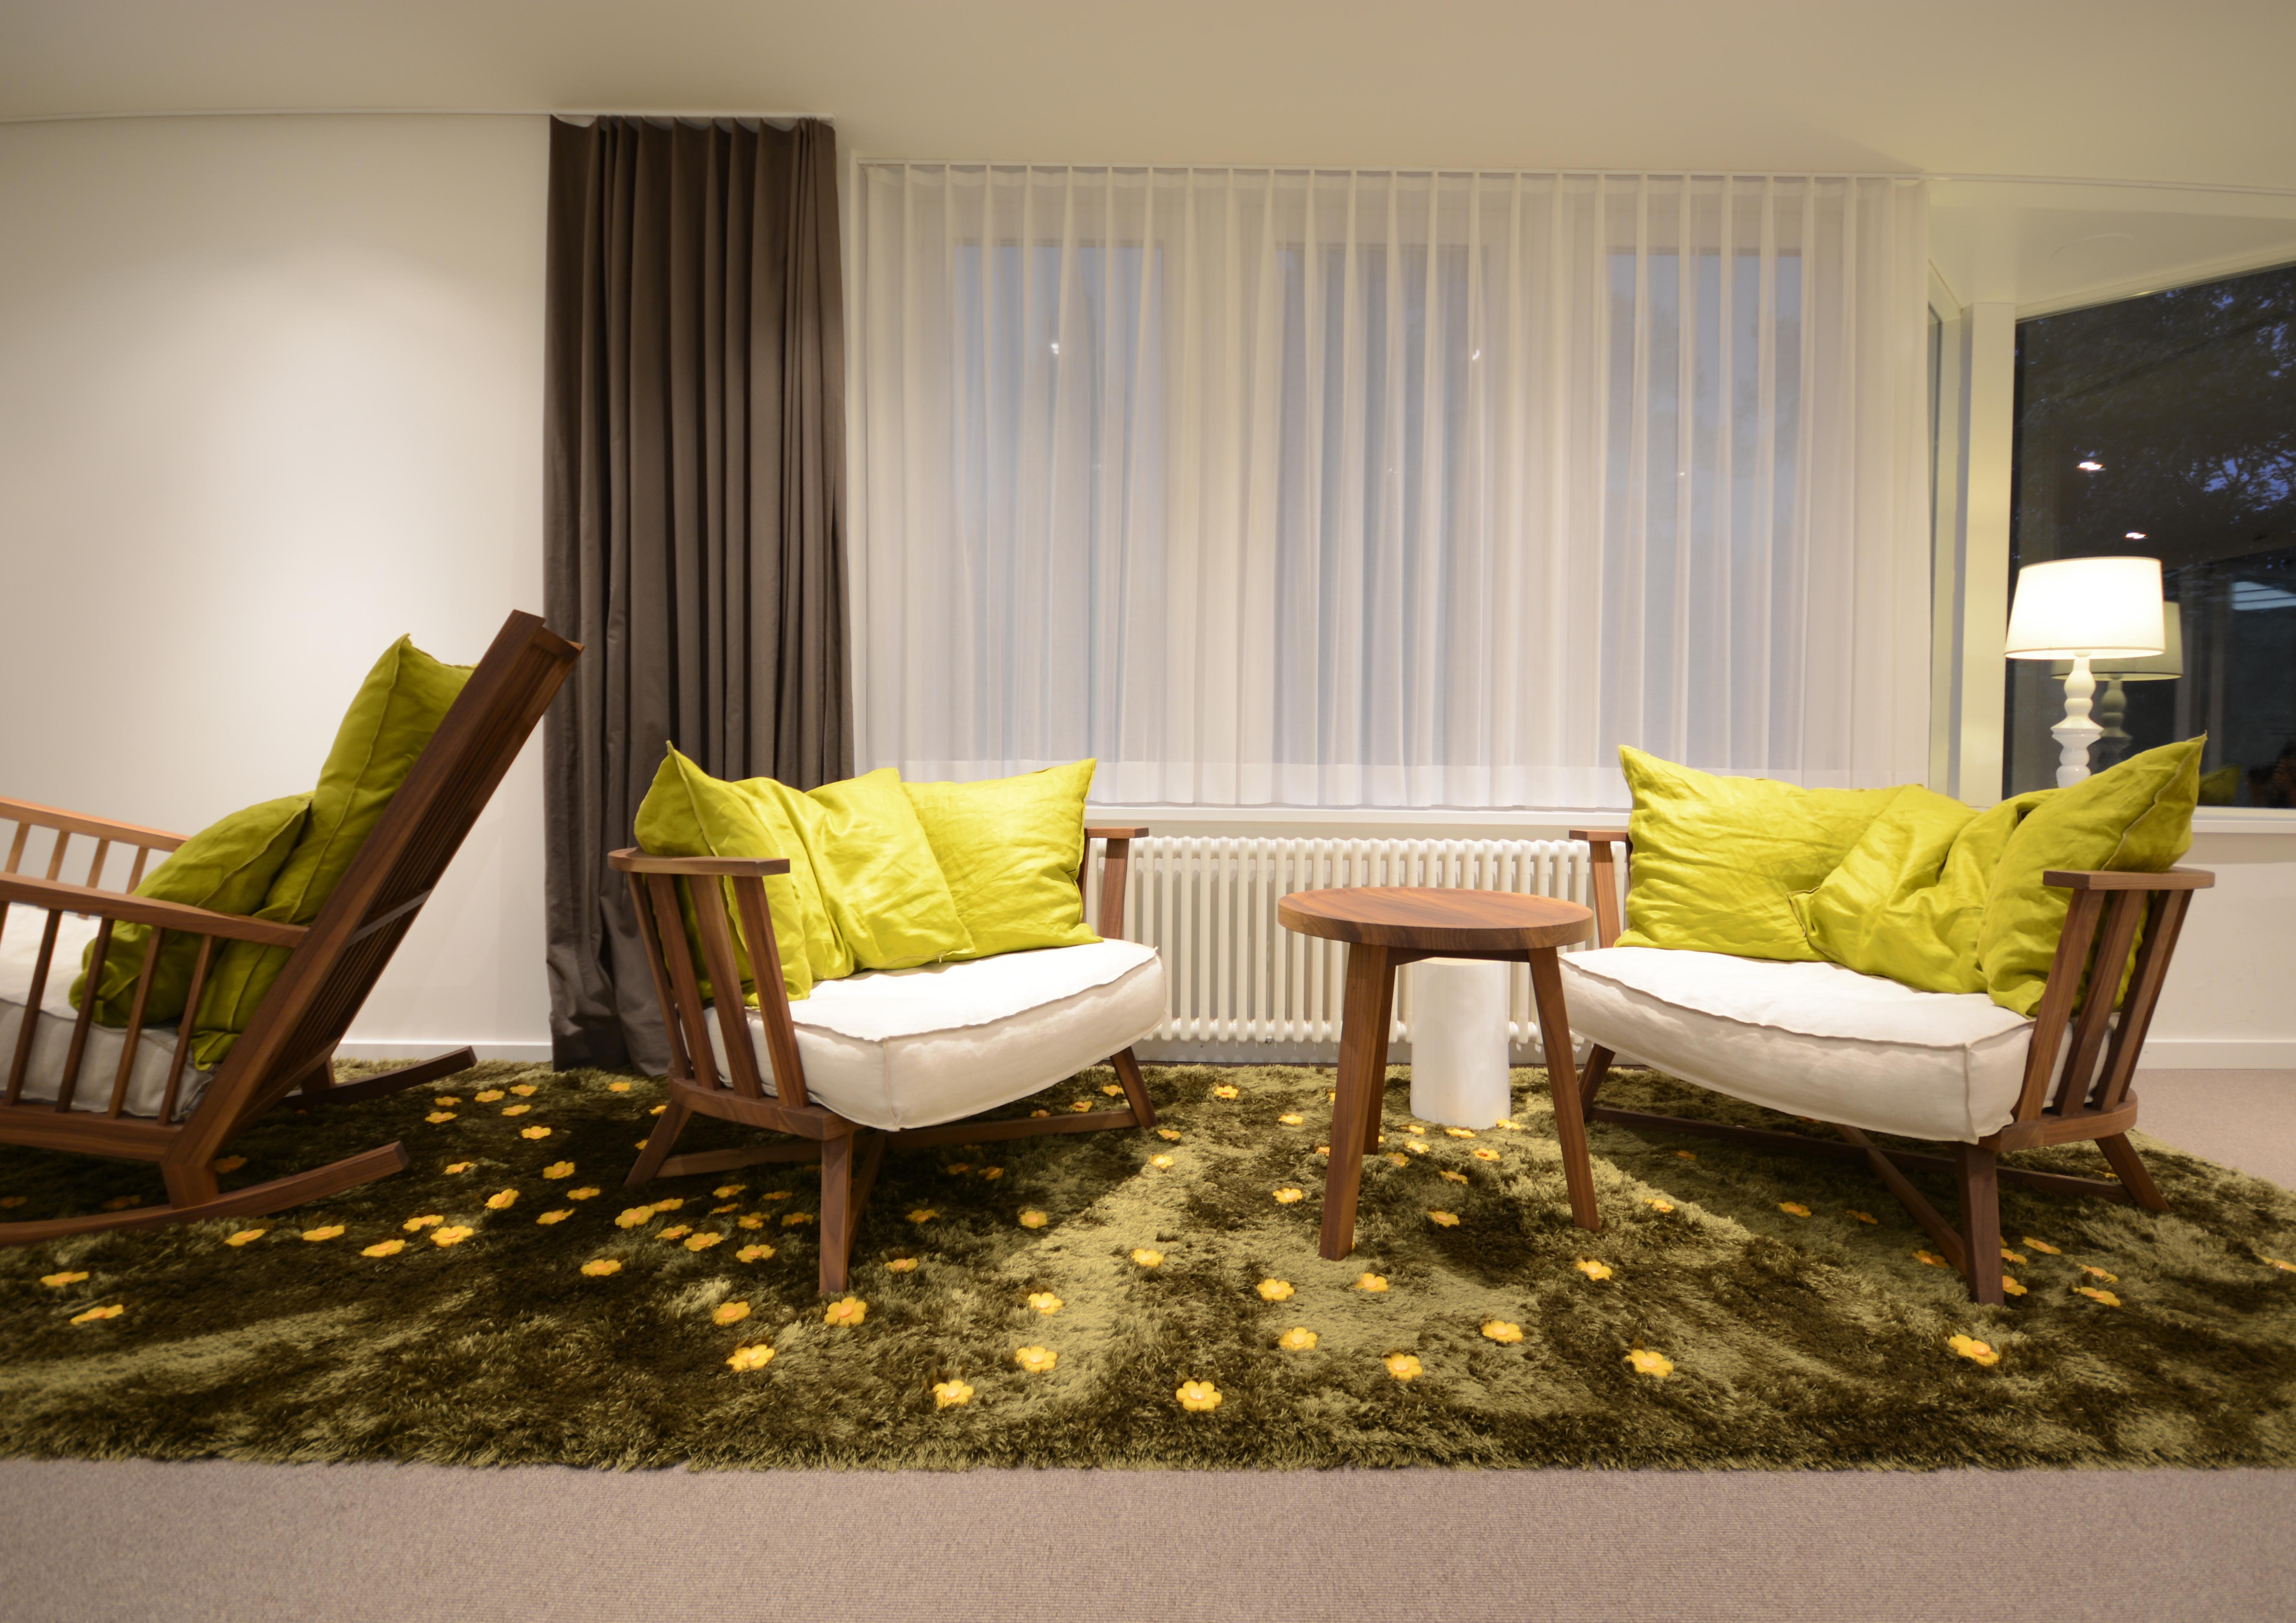 landhotel linde, fislisbach - innenarchitektur leitgedanke, Innenarchitektur ideen